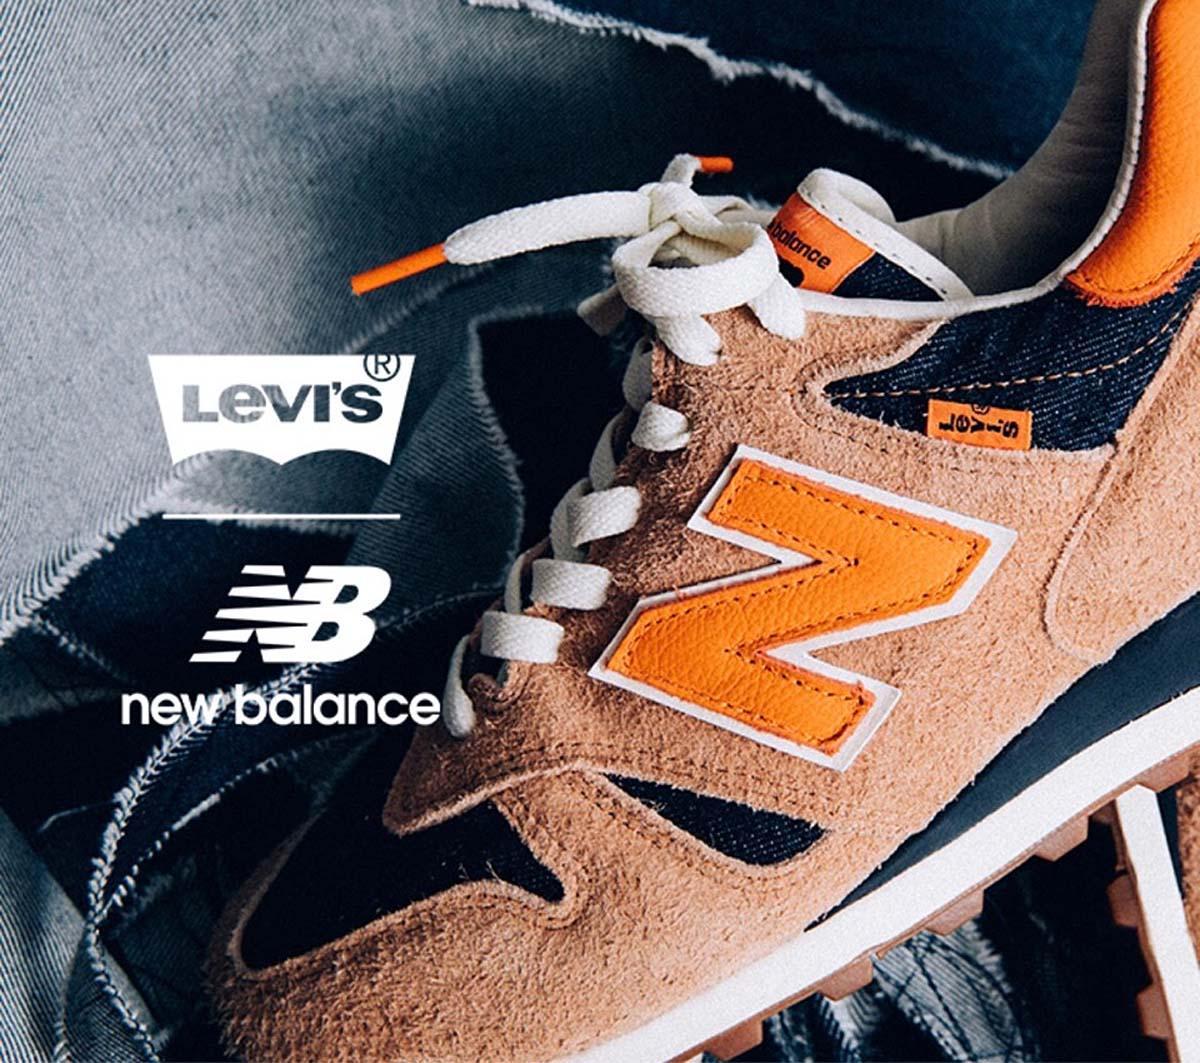 Levi's x New Balance M1300CL INDIGO / ORANGE リーバイス × ニューバランス M1300CL インディゴ/オレンジ